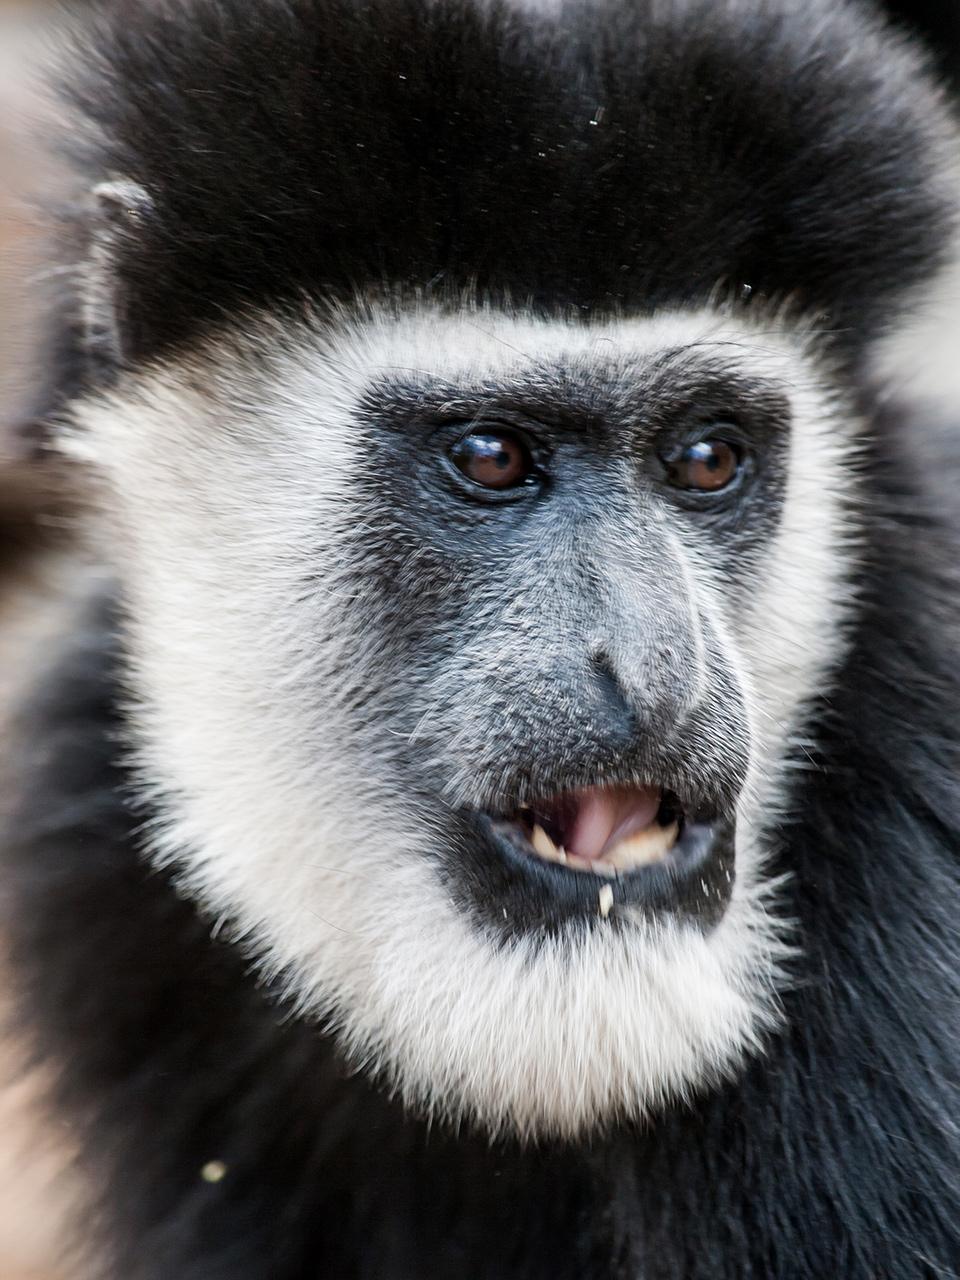 Colobus monkey face